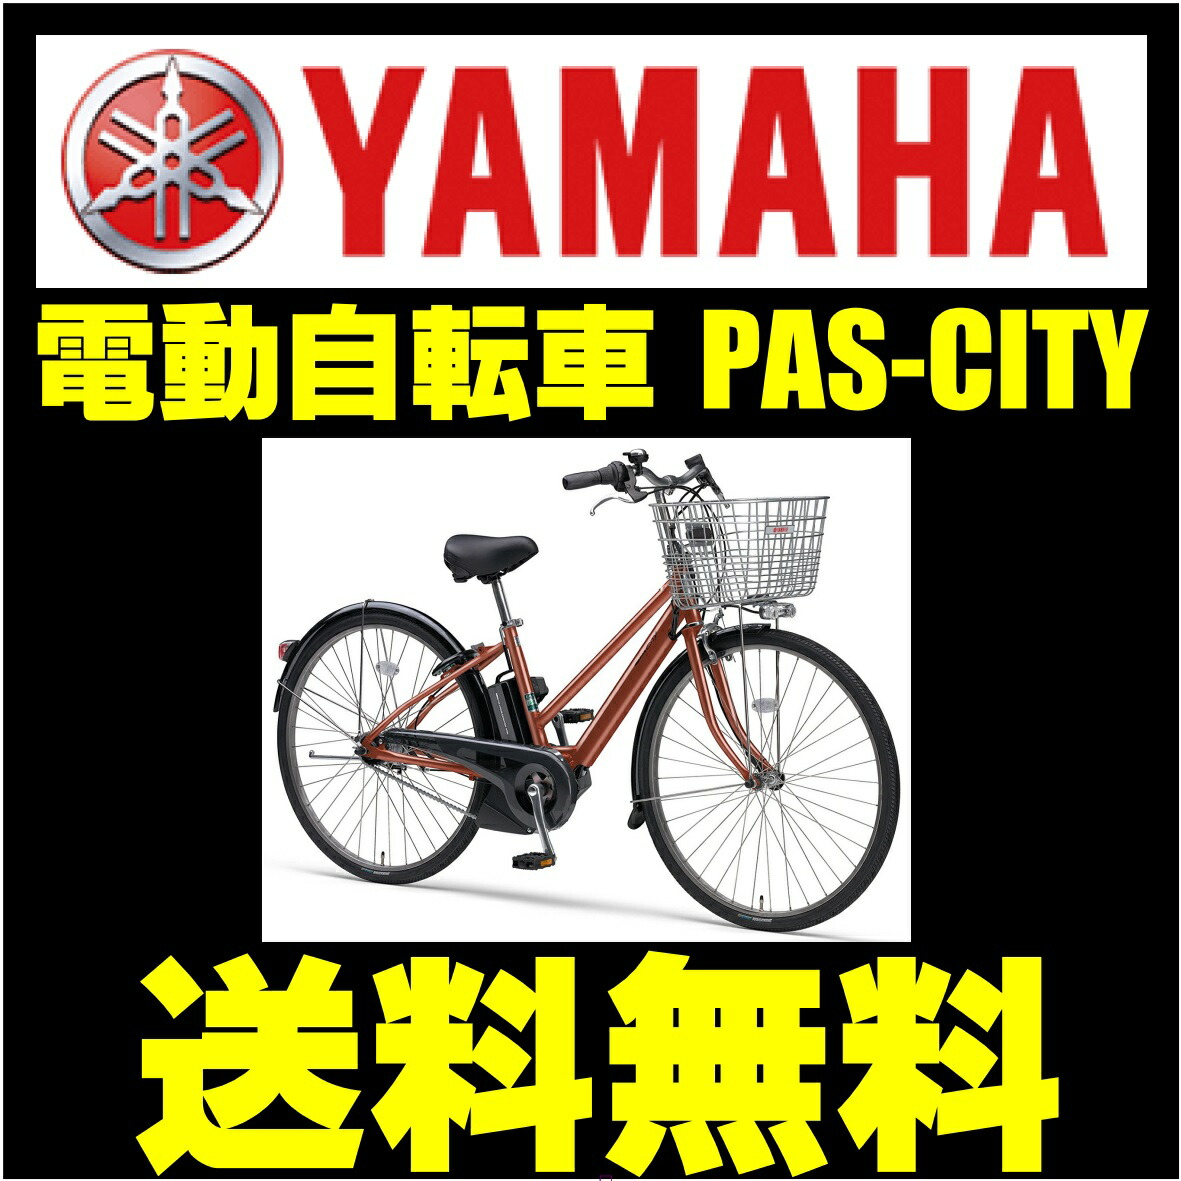 電動アシスト自転車 ヤマハ PAS CITY-S5 27型 電動自転車 マーズブラウン 内装5段ギア 2016年モデル 27インチ 激安 格安